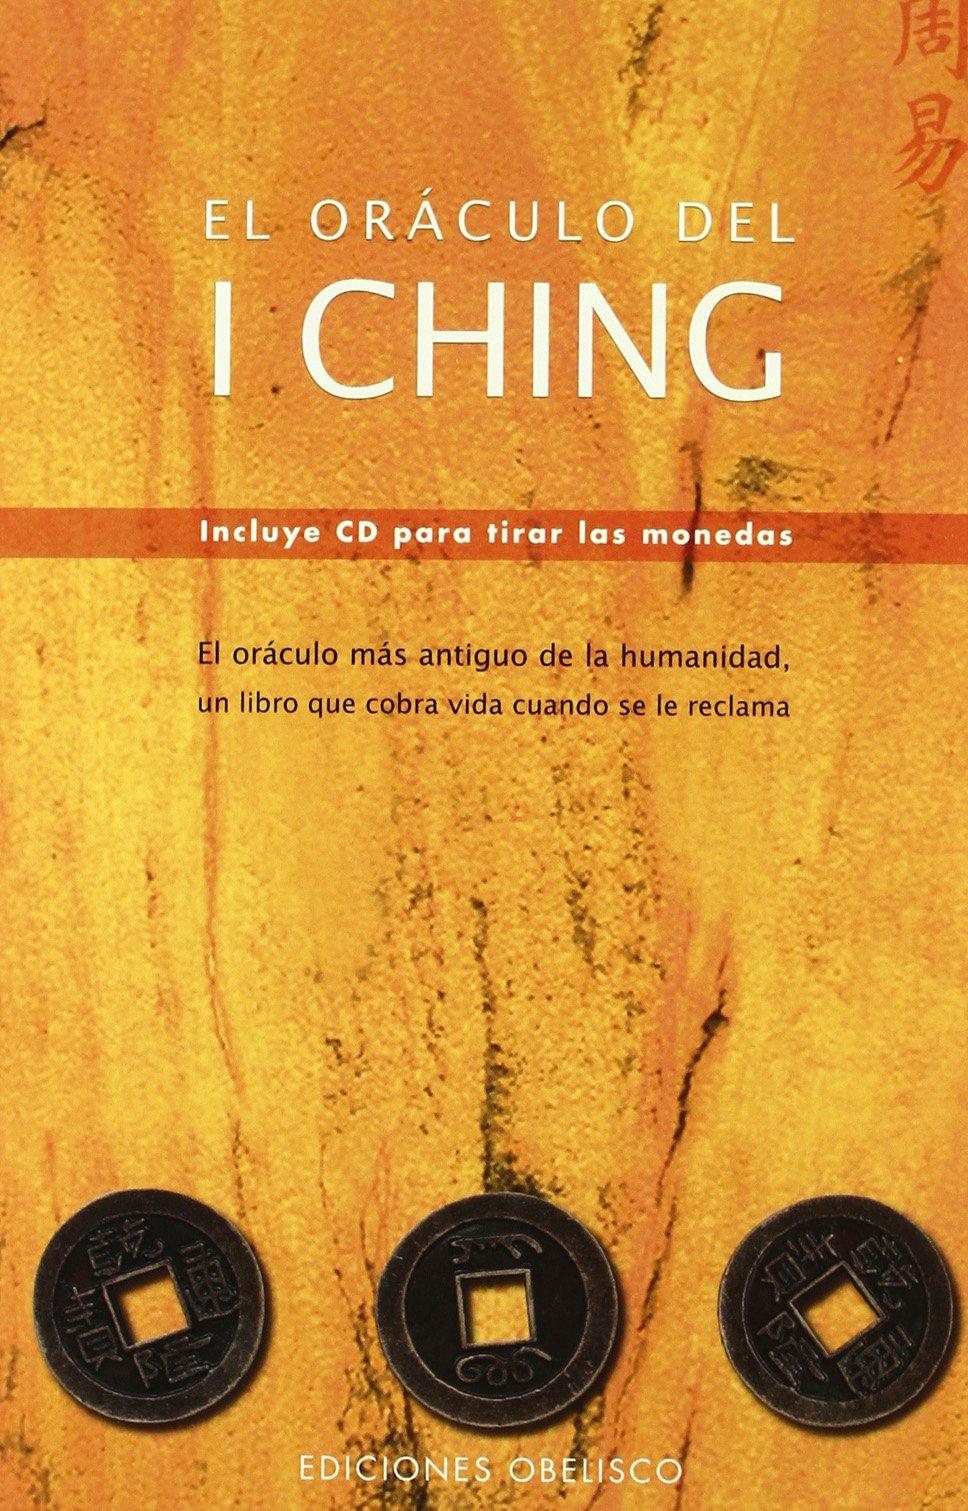 El oráculo del I Ching (incluye CD) (CARTOMANCIA): Amazon.es: ADRIANA  ORTEMBERG: Libros